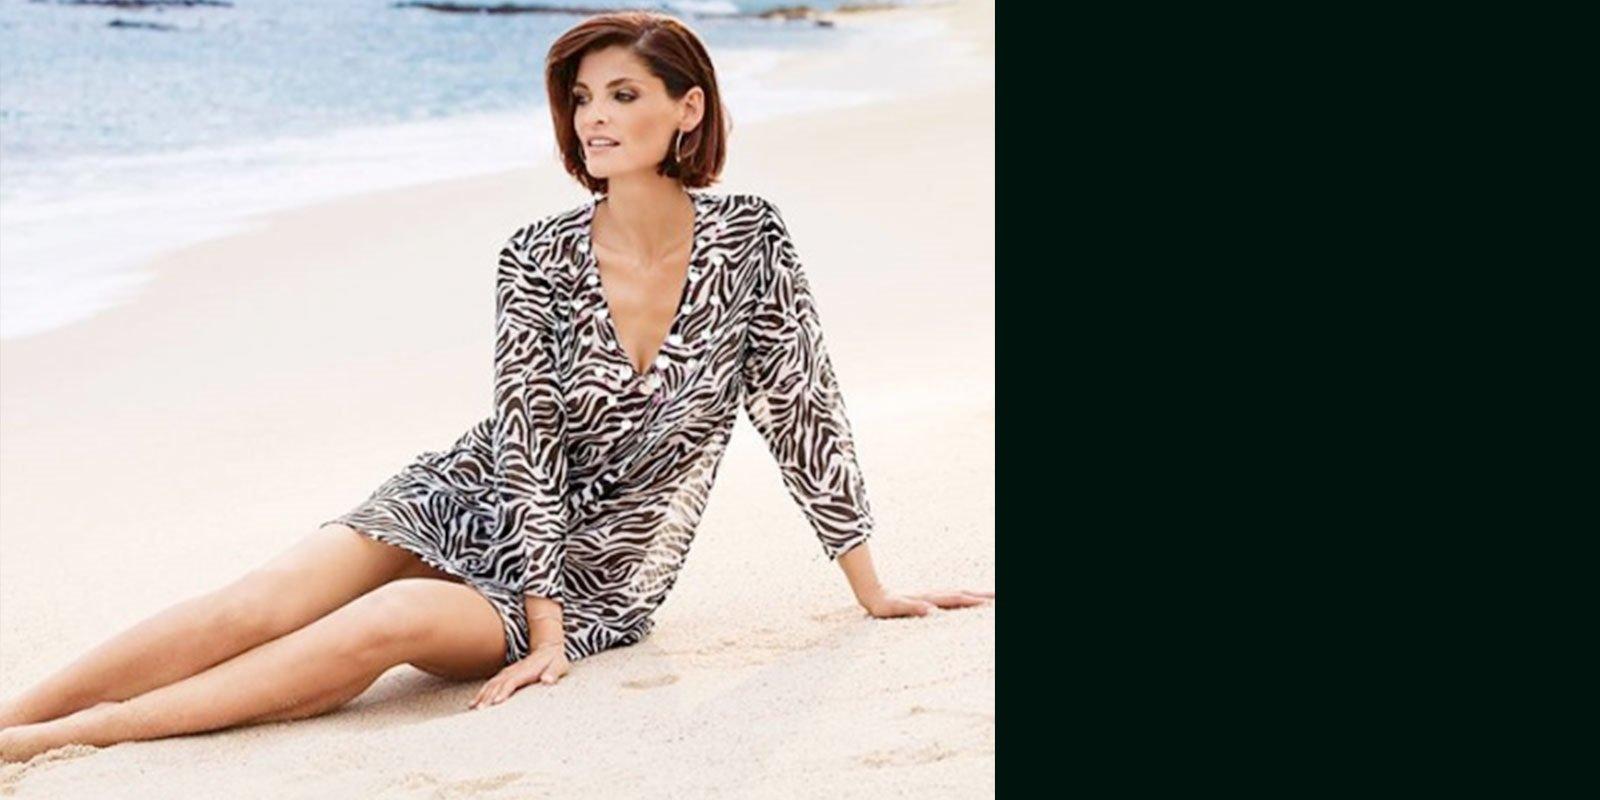 una donna seduta su una spiaggia con una camicia con  disegni tigrati